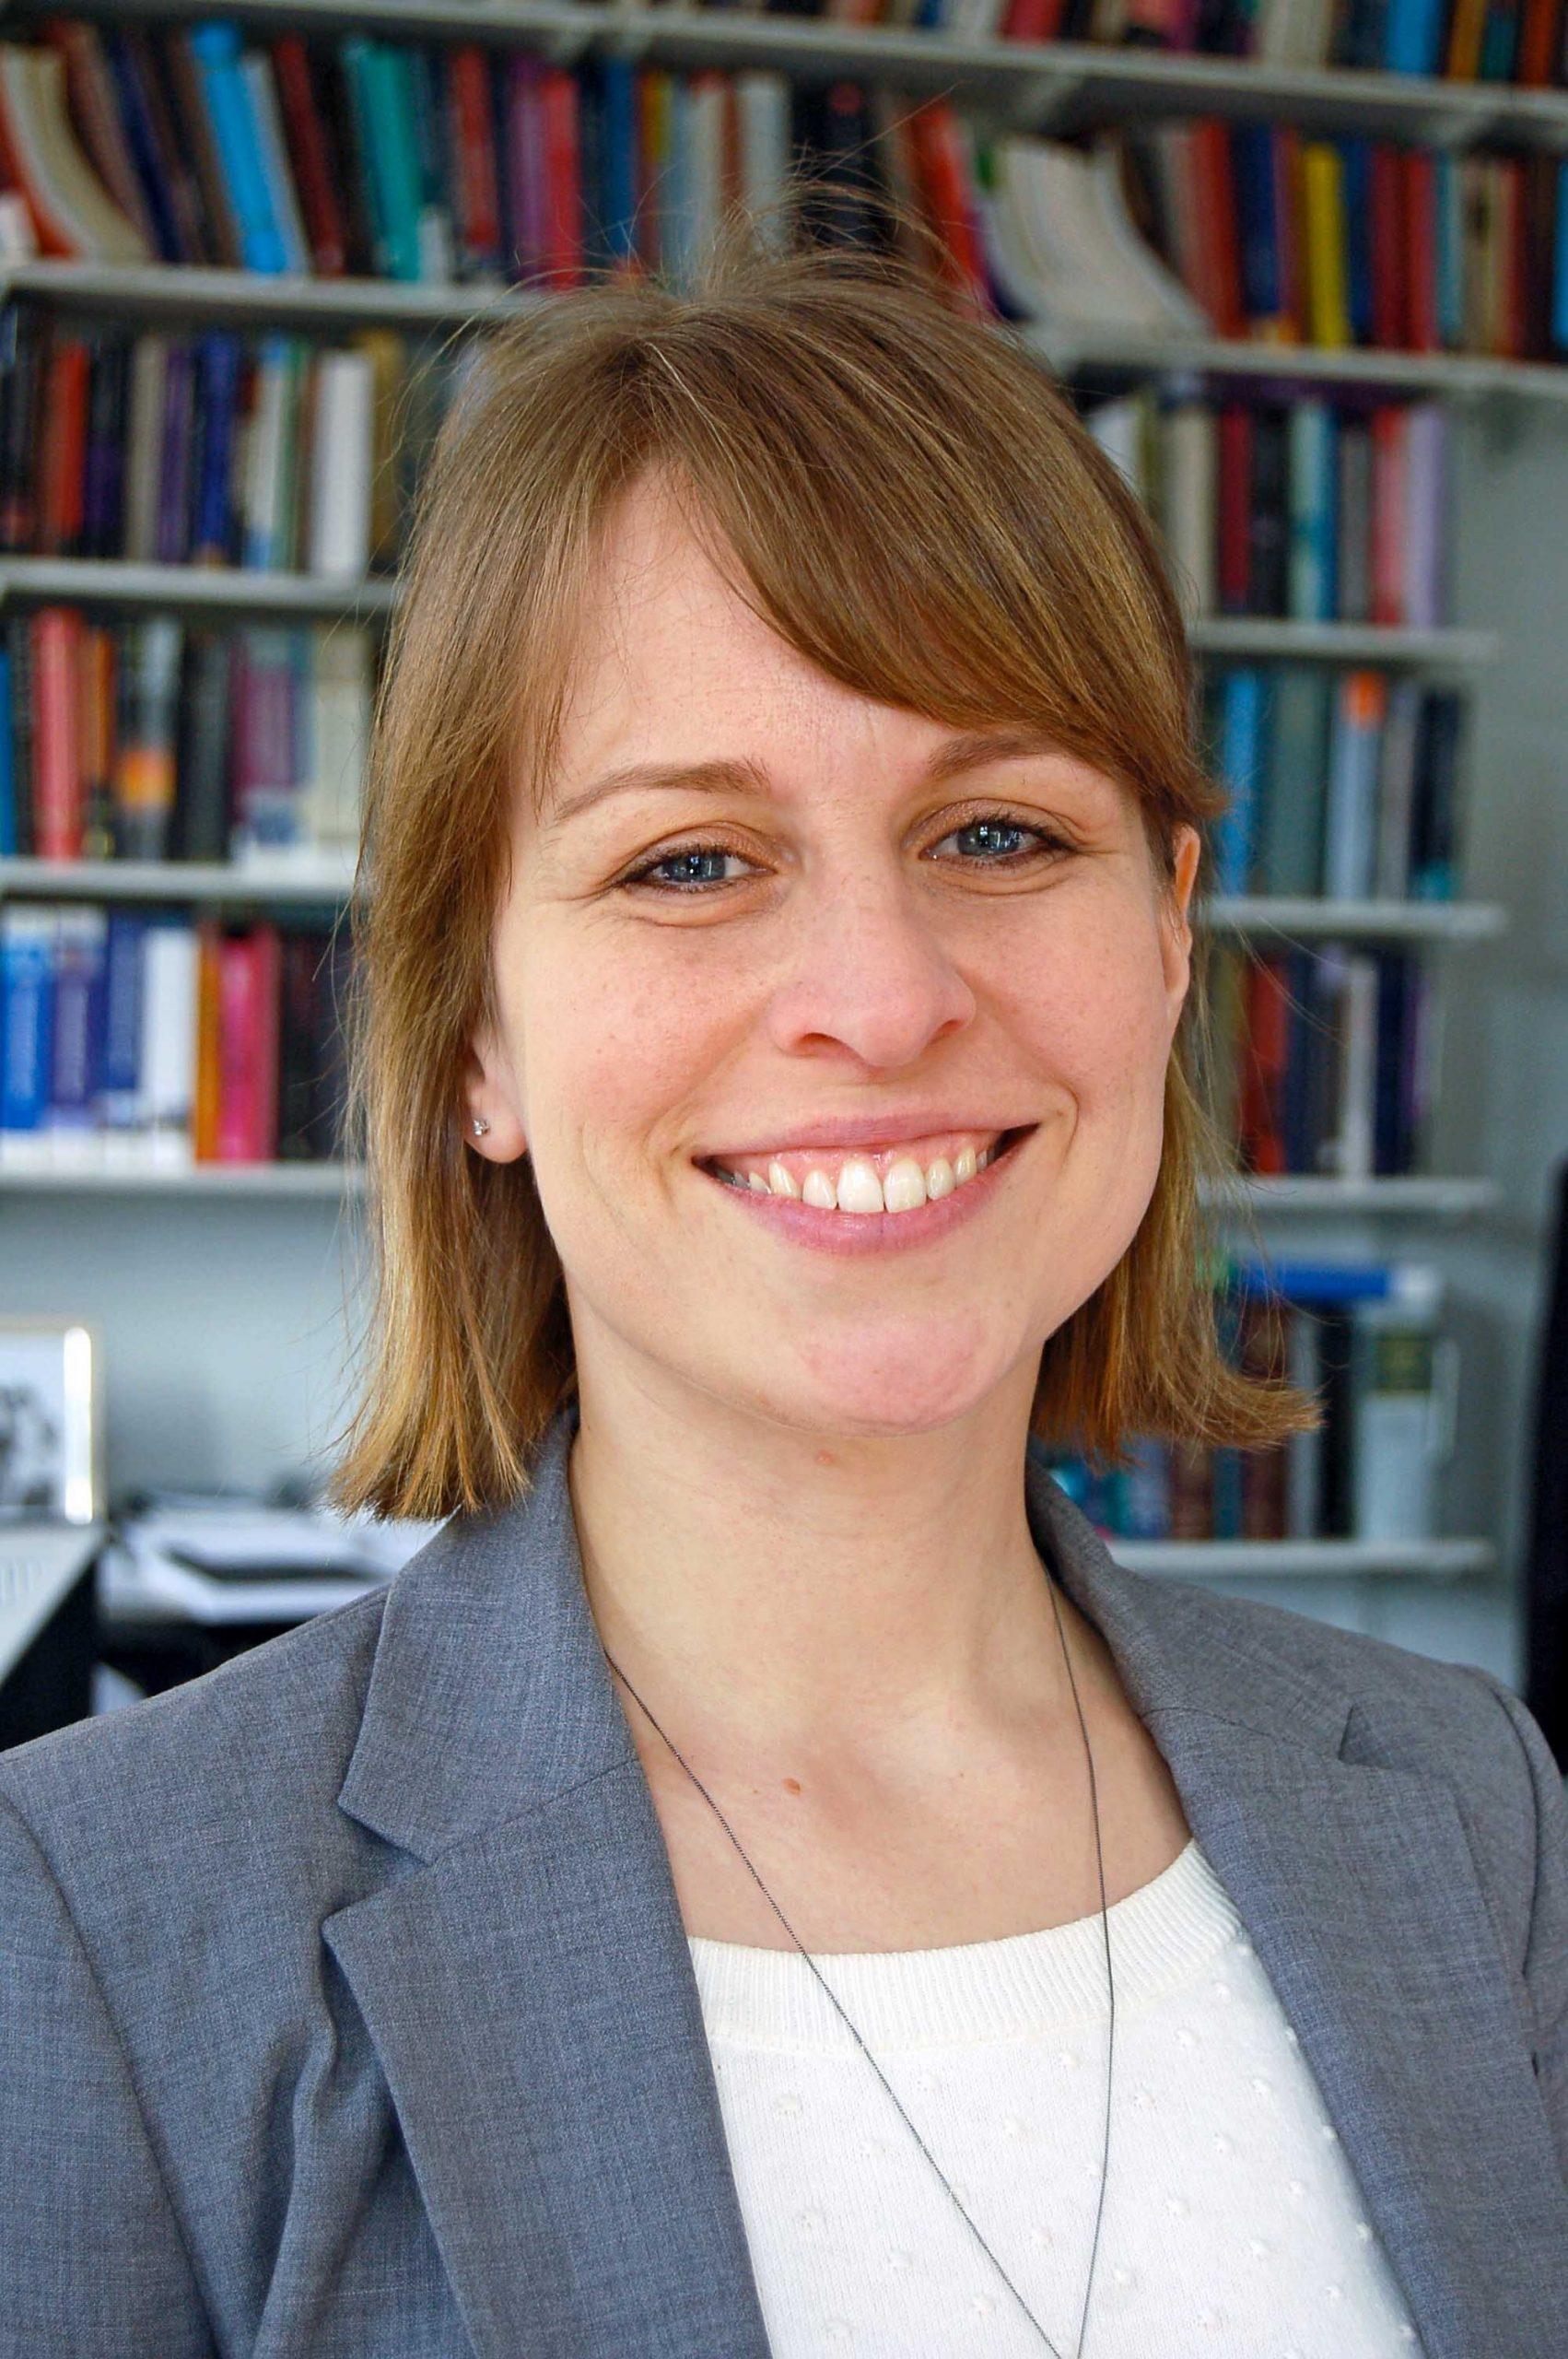 Lise Smit 2015 photo